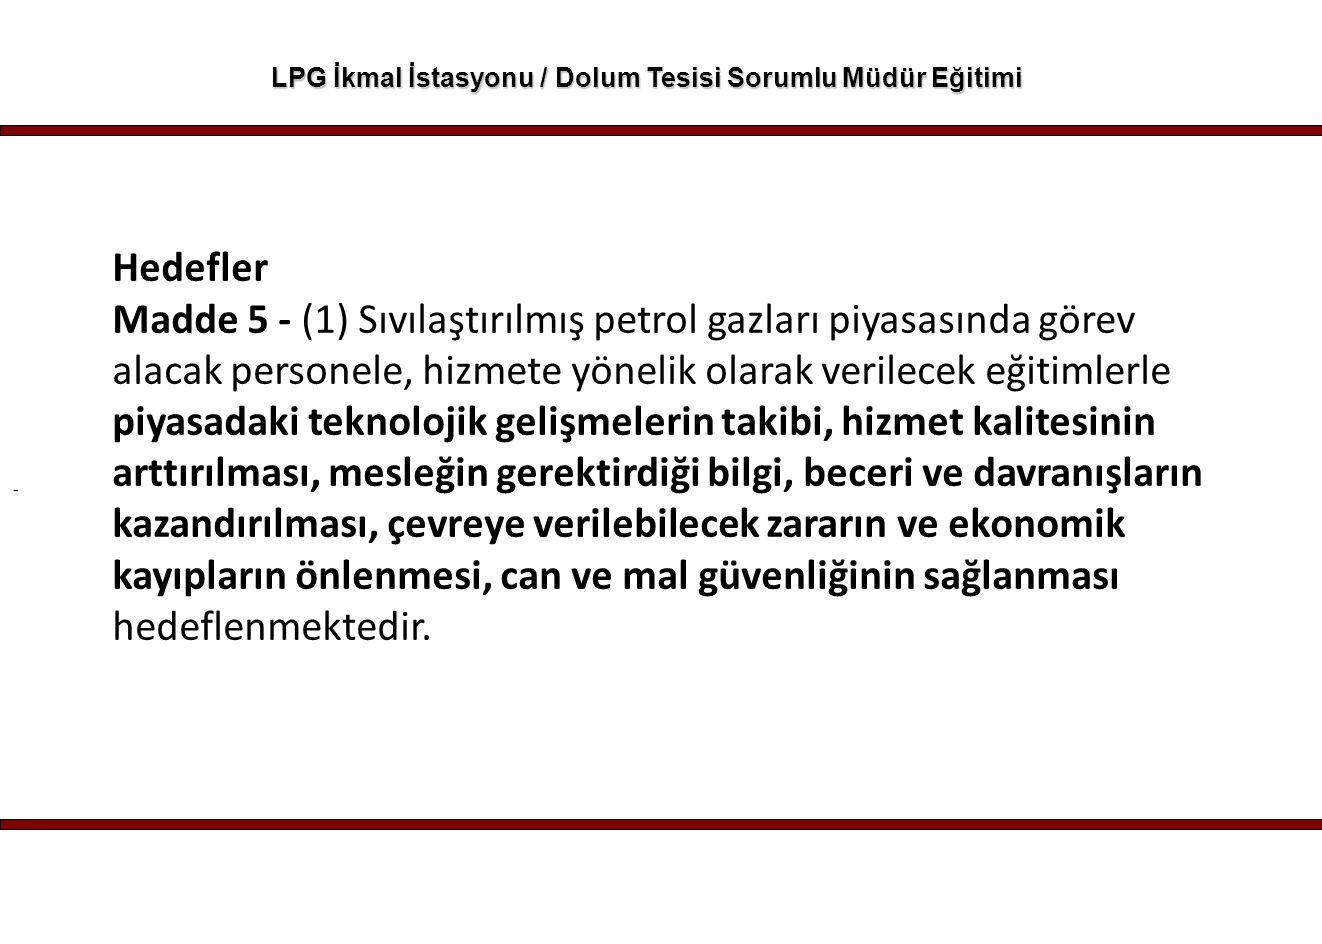 - LPG İkmal İstasyonu / Dolum Tesisi Sorumlu Müdür Eğitimi Hedefler Madde 5 - (1) Sıvılaştırılmış petrol gazları piyasasında görev alacak personele, h